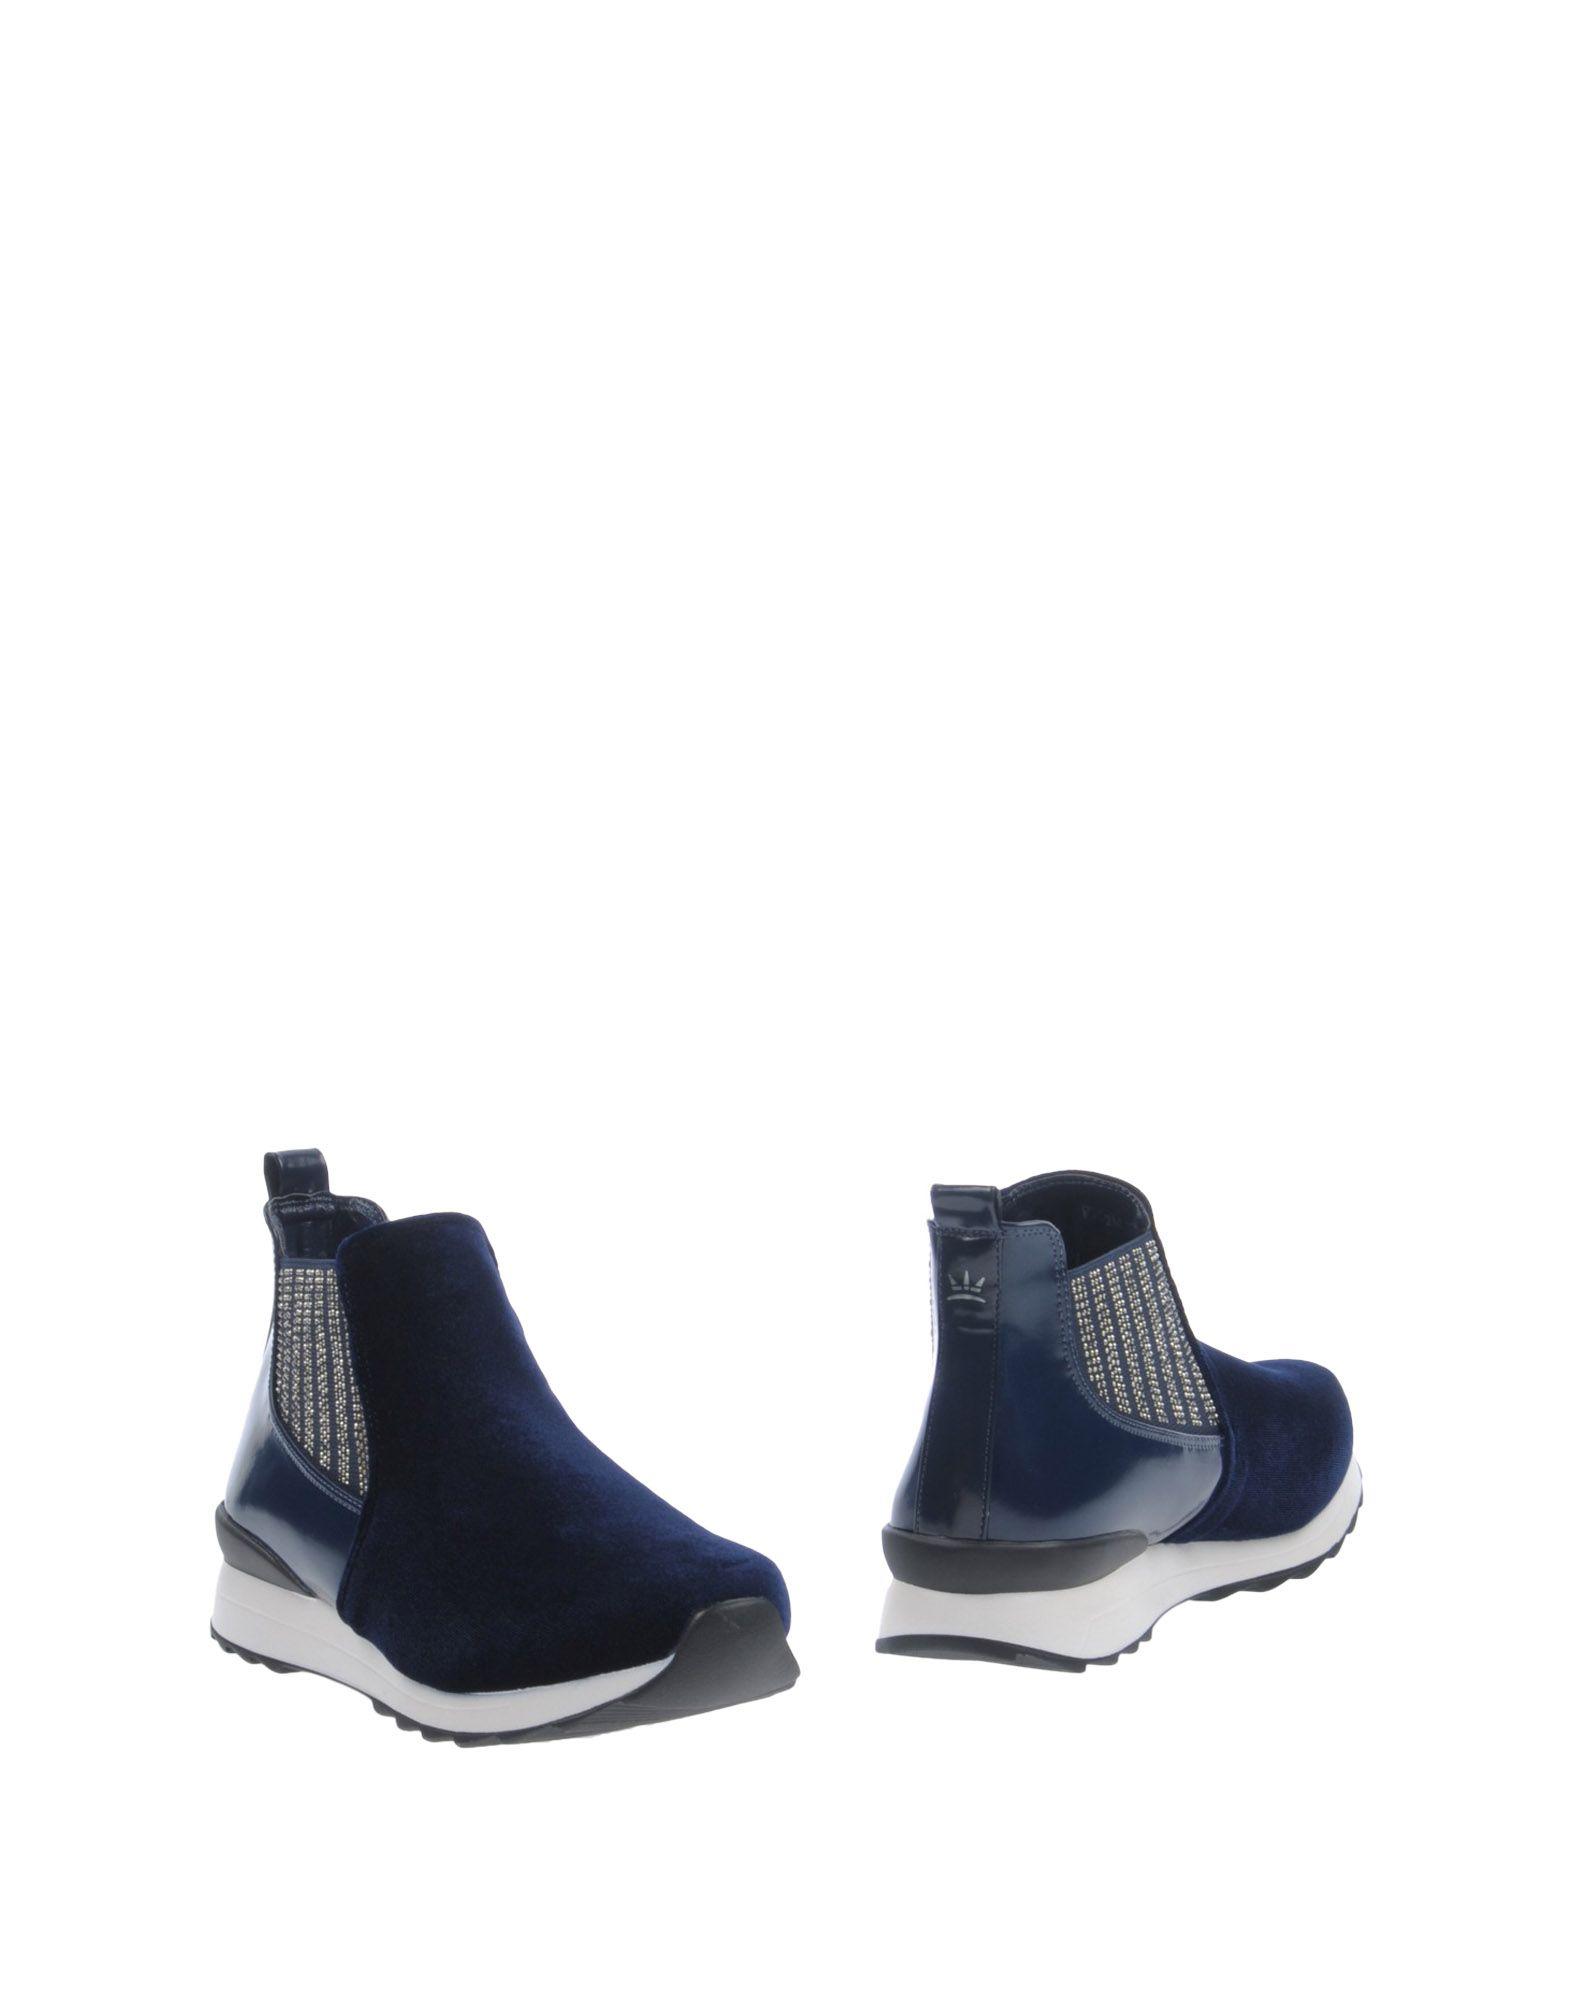 FRANCESCO MILANO Полусапоги и высокие ботинки o6 milano полусапоги и высокие ботинки